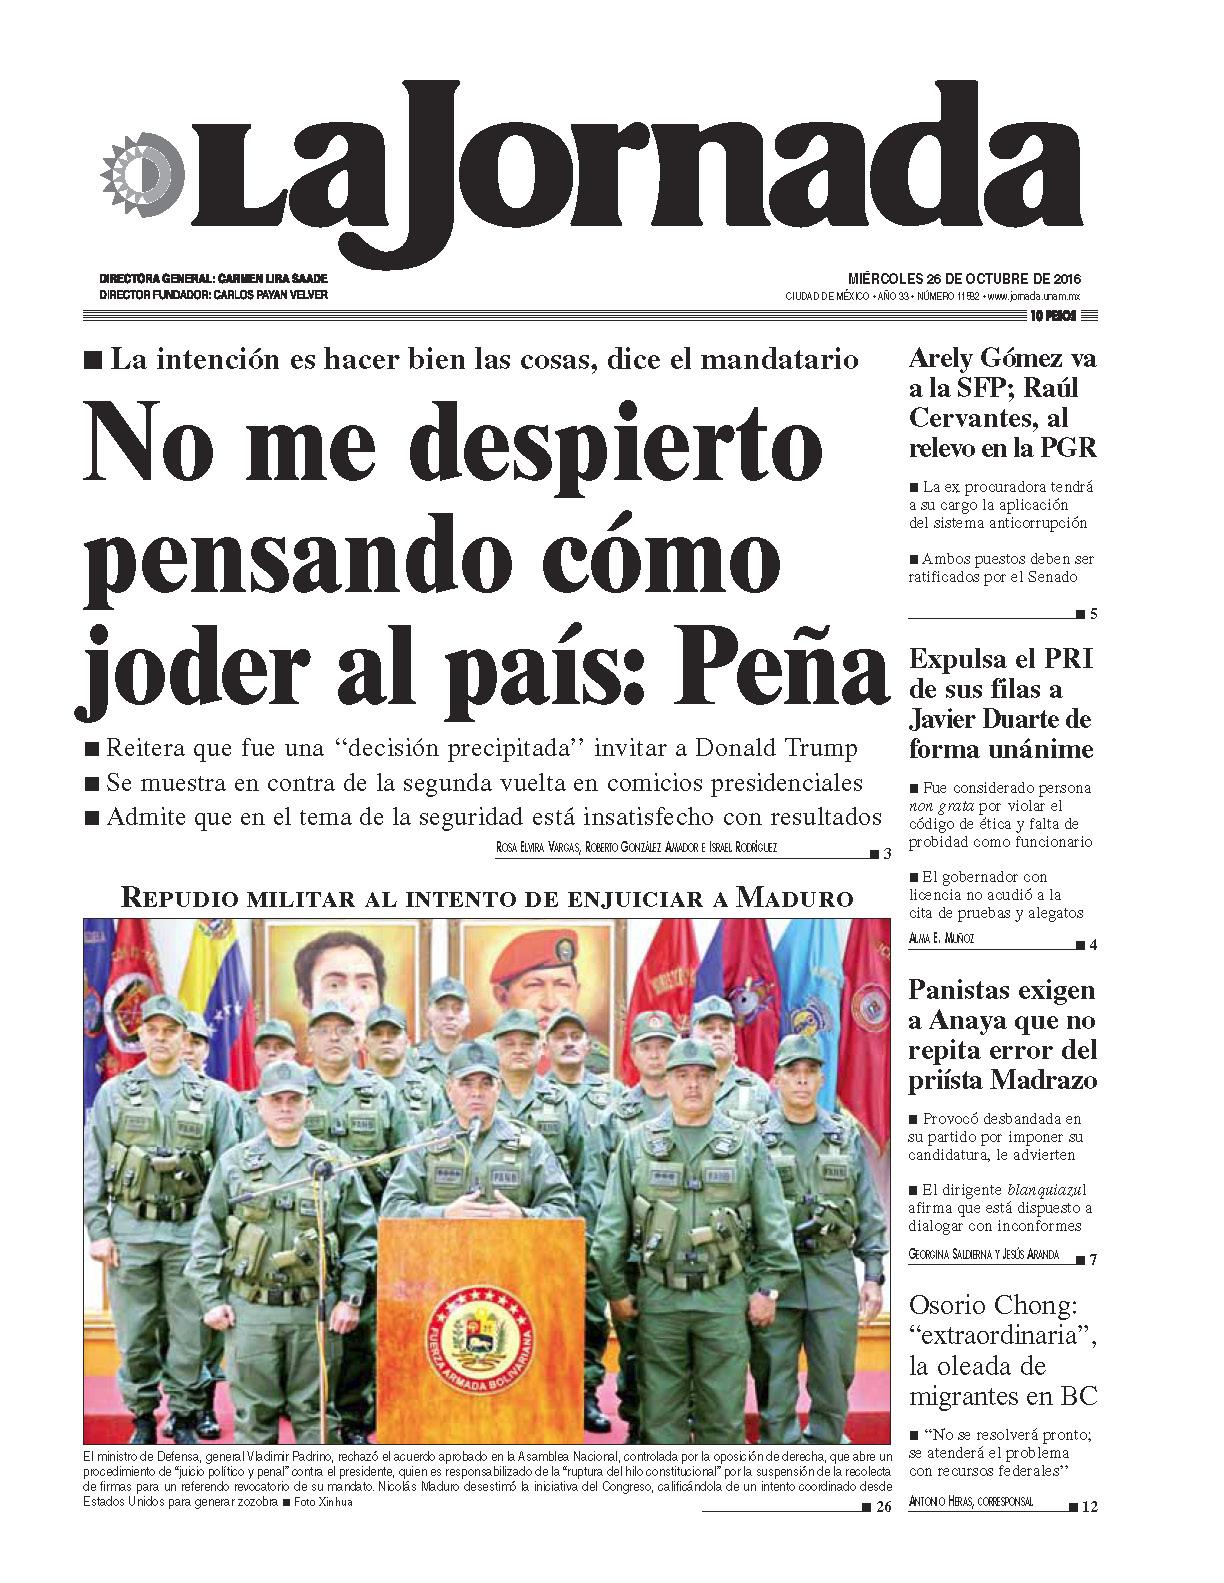 Portada del periodico La Jornada 26 de octubre de 2016